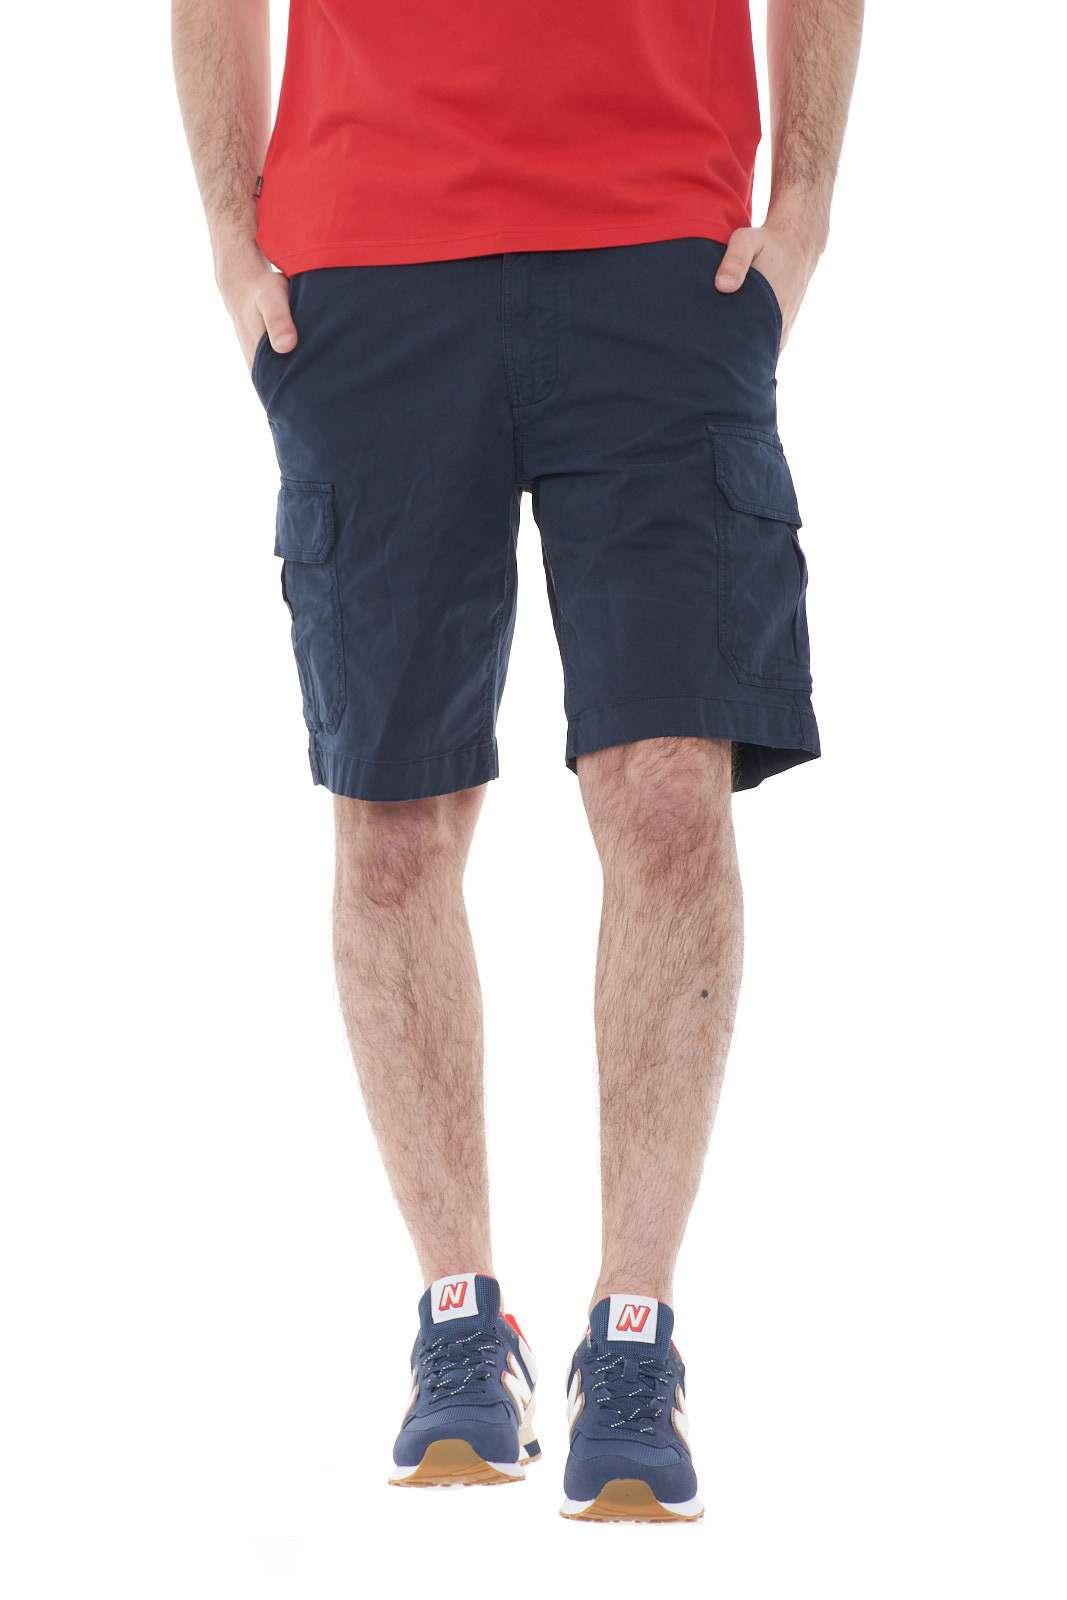 Un bermuda dallo stile puramente maschile e pratico, questo firmato Woolrich. Modello cargo, dotato di numerose tasche e tasconi, per portare facilmente con sè quello che si desidera, regalerà uno stile funzionale al tuo outfit. Per chi ama la comodità.